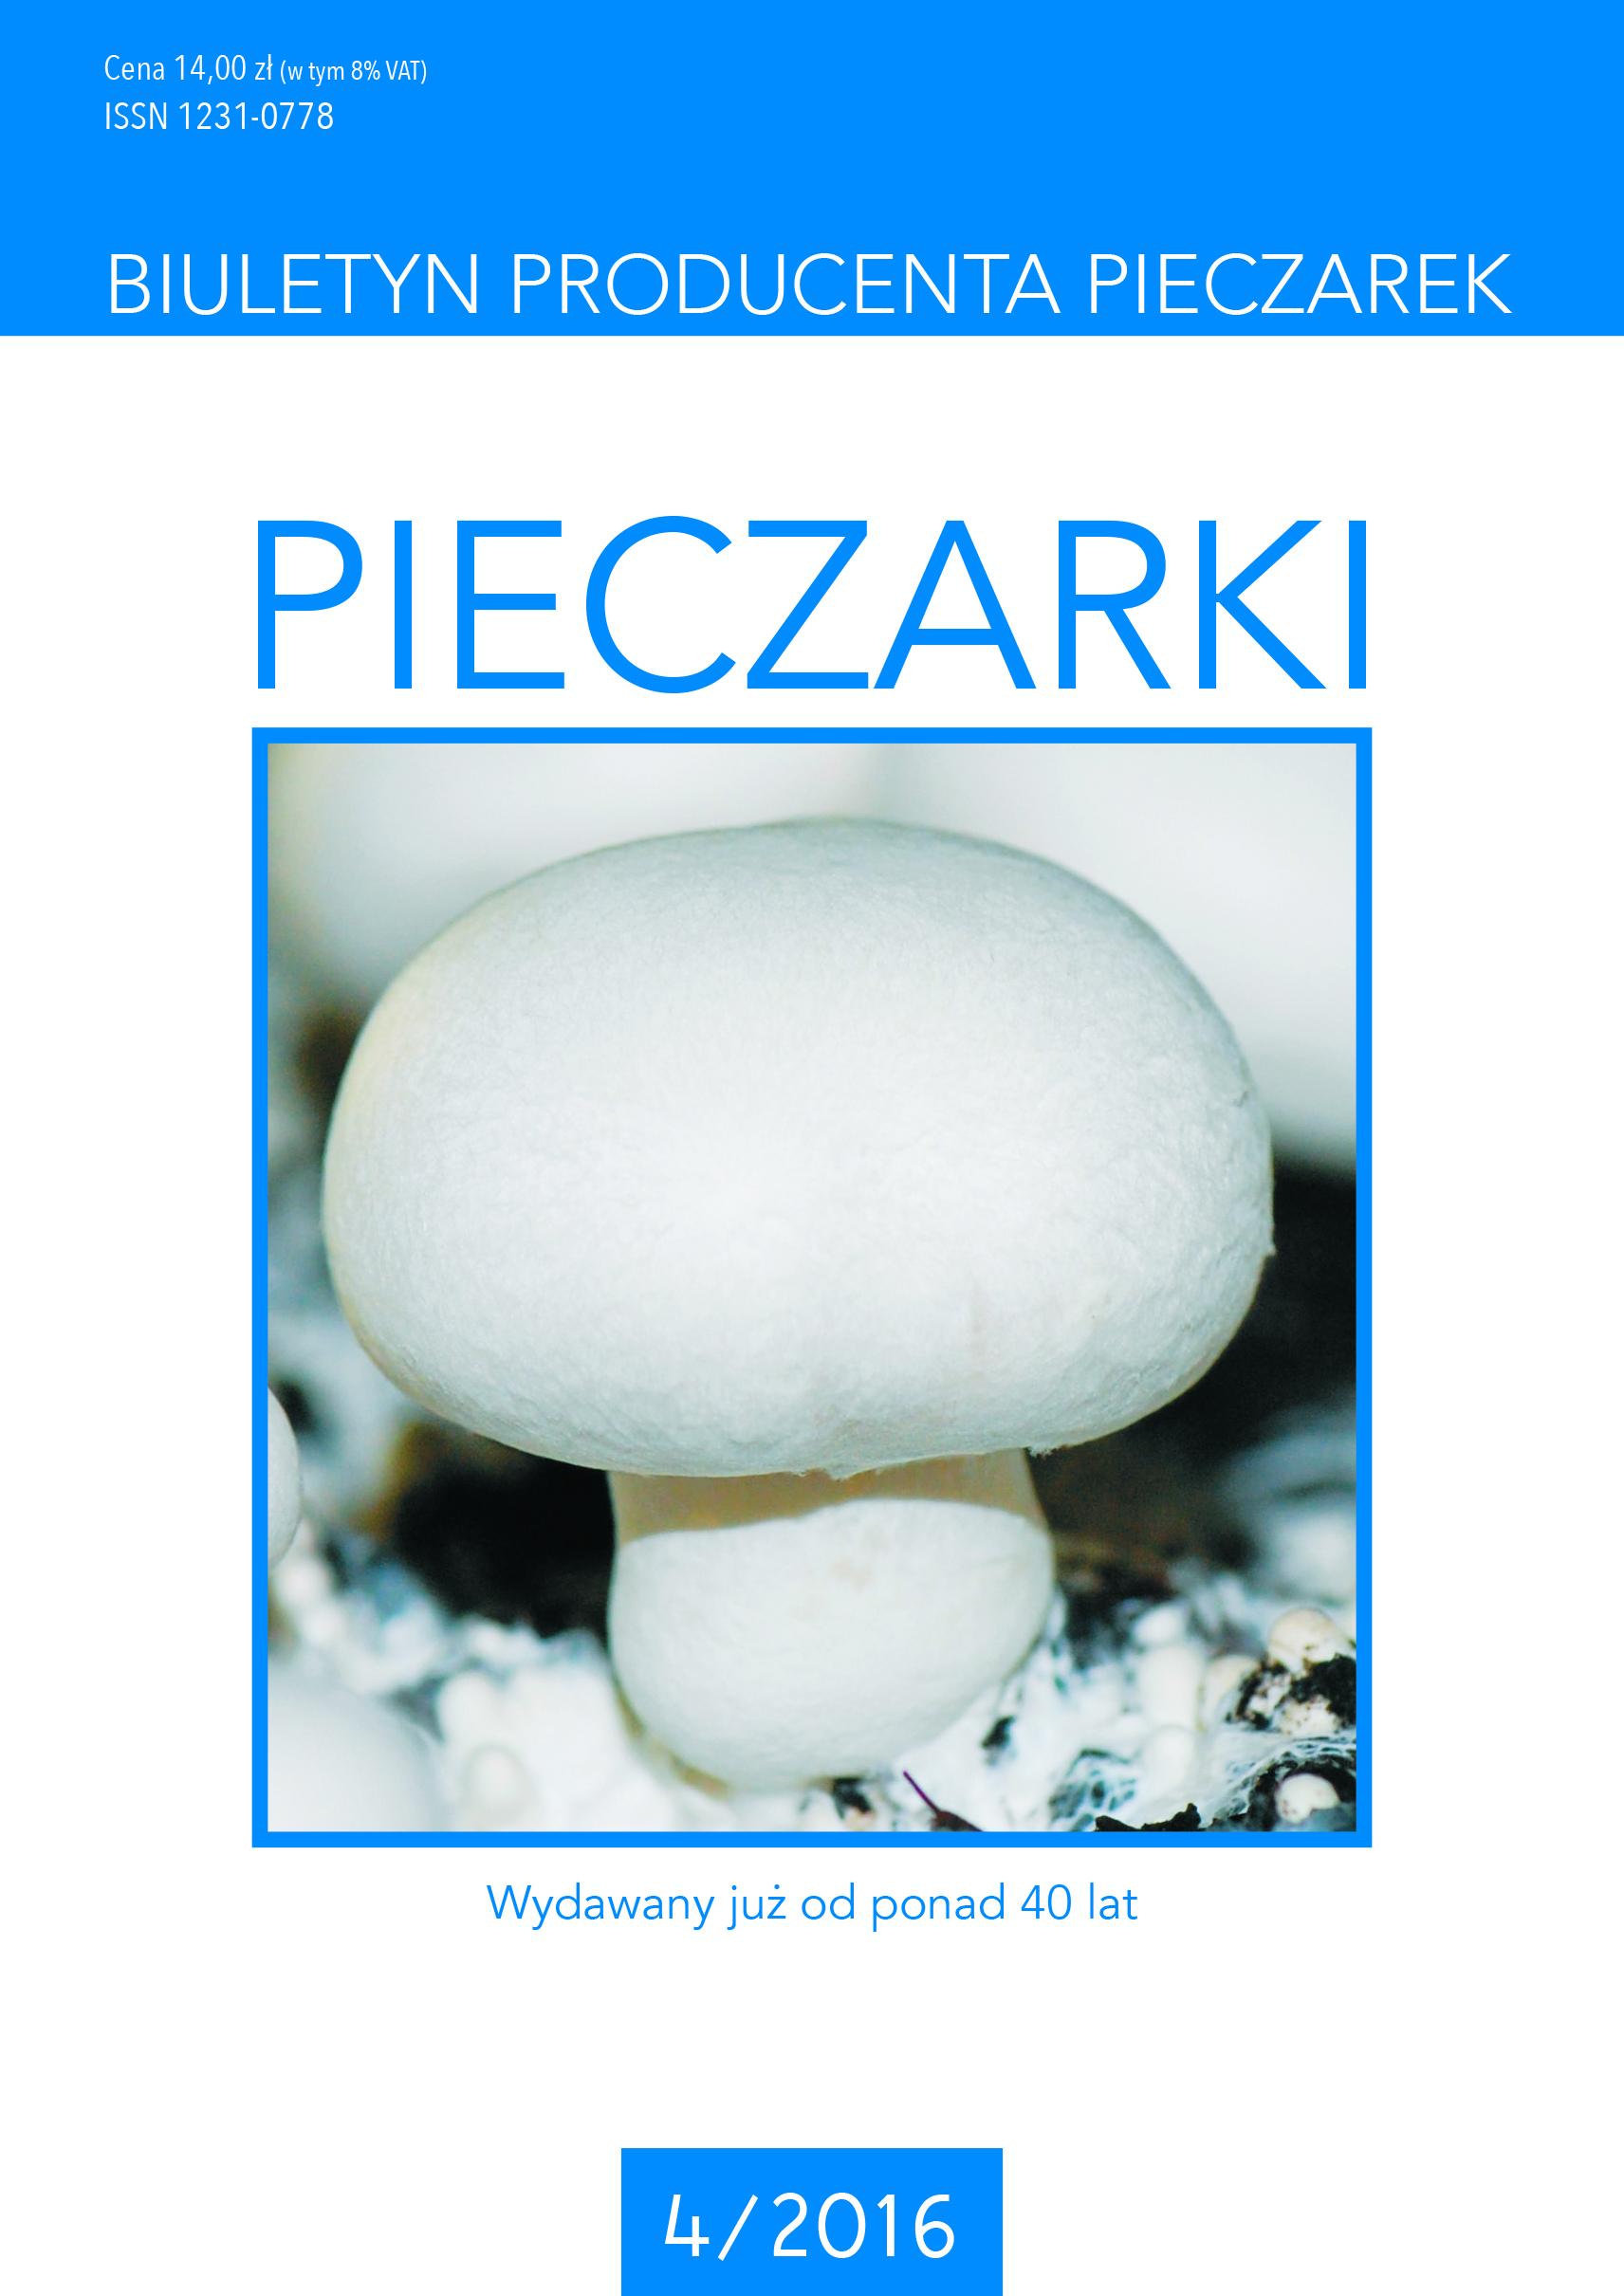 okladka1_pieczarki_4_2016